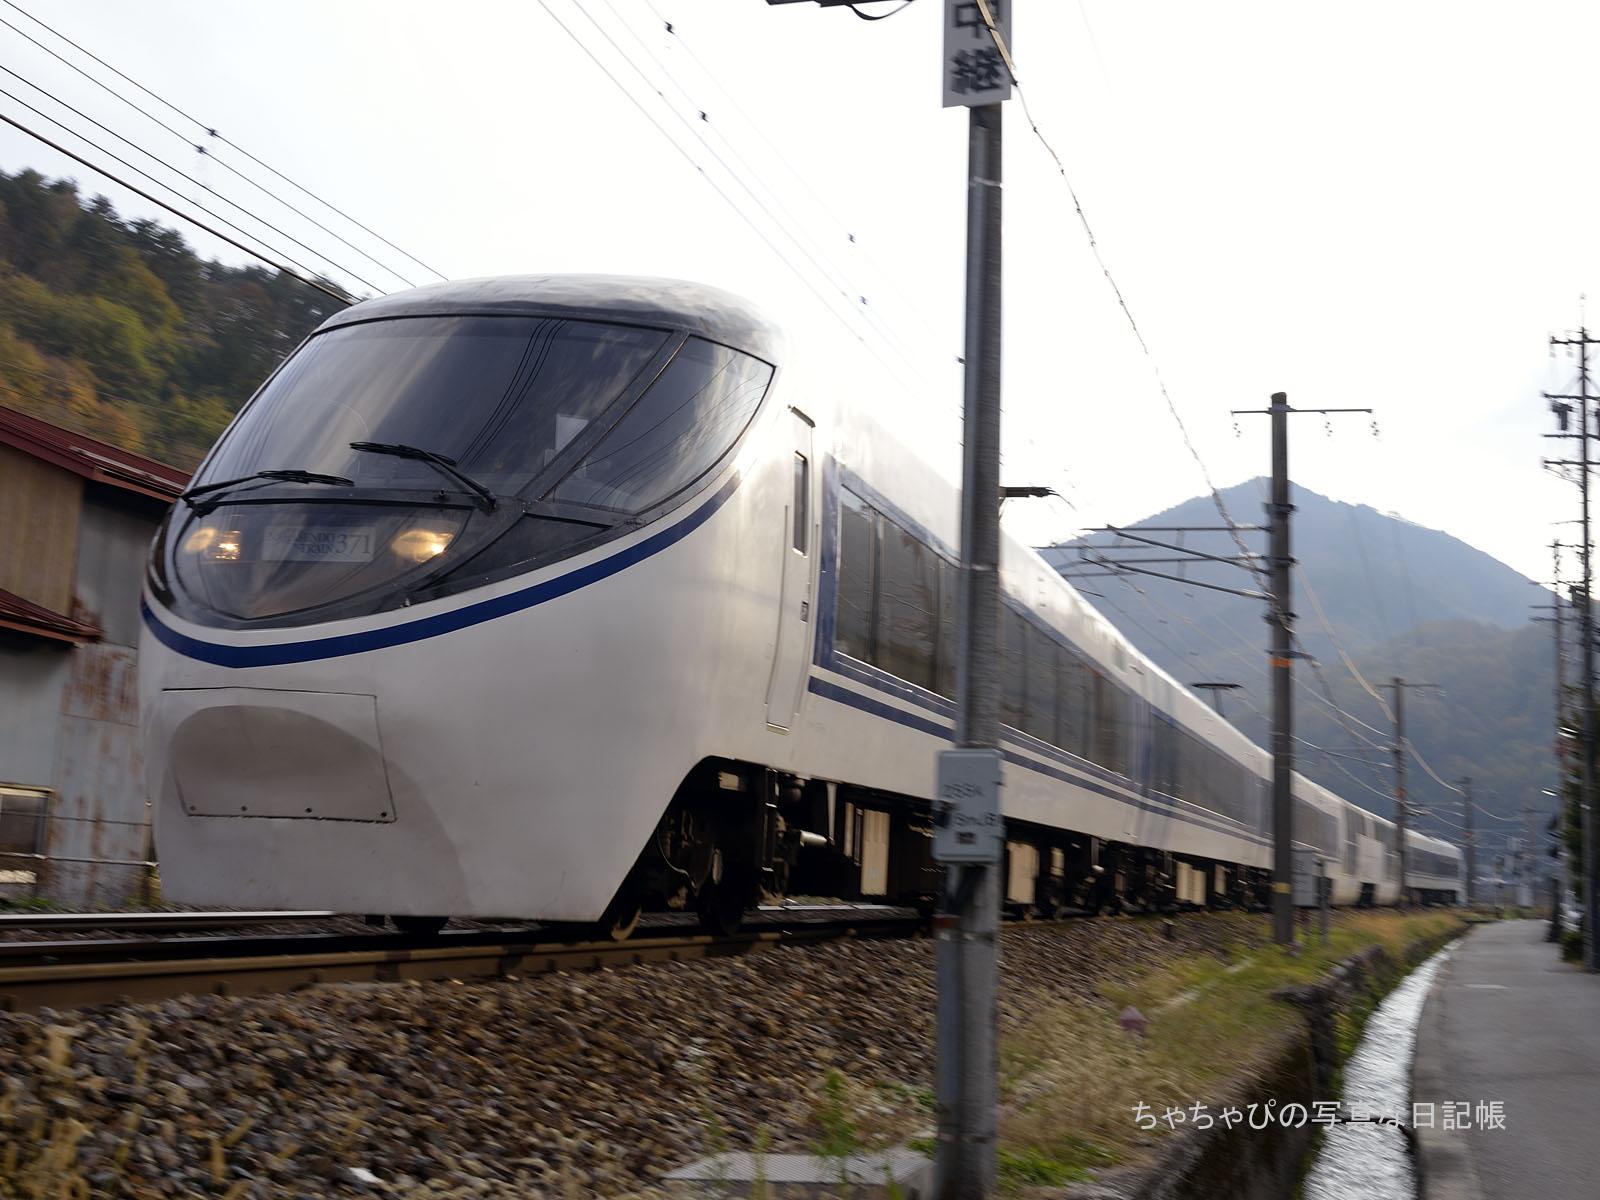 371系 急行「中山道トレイン」|NAKASENDO TRAIN 371